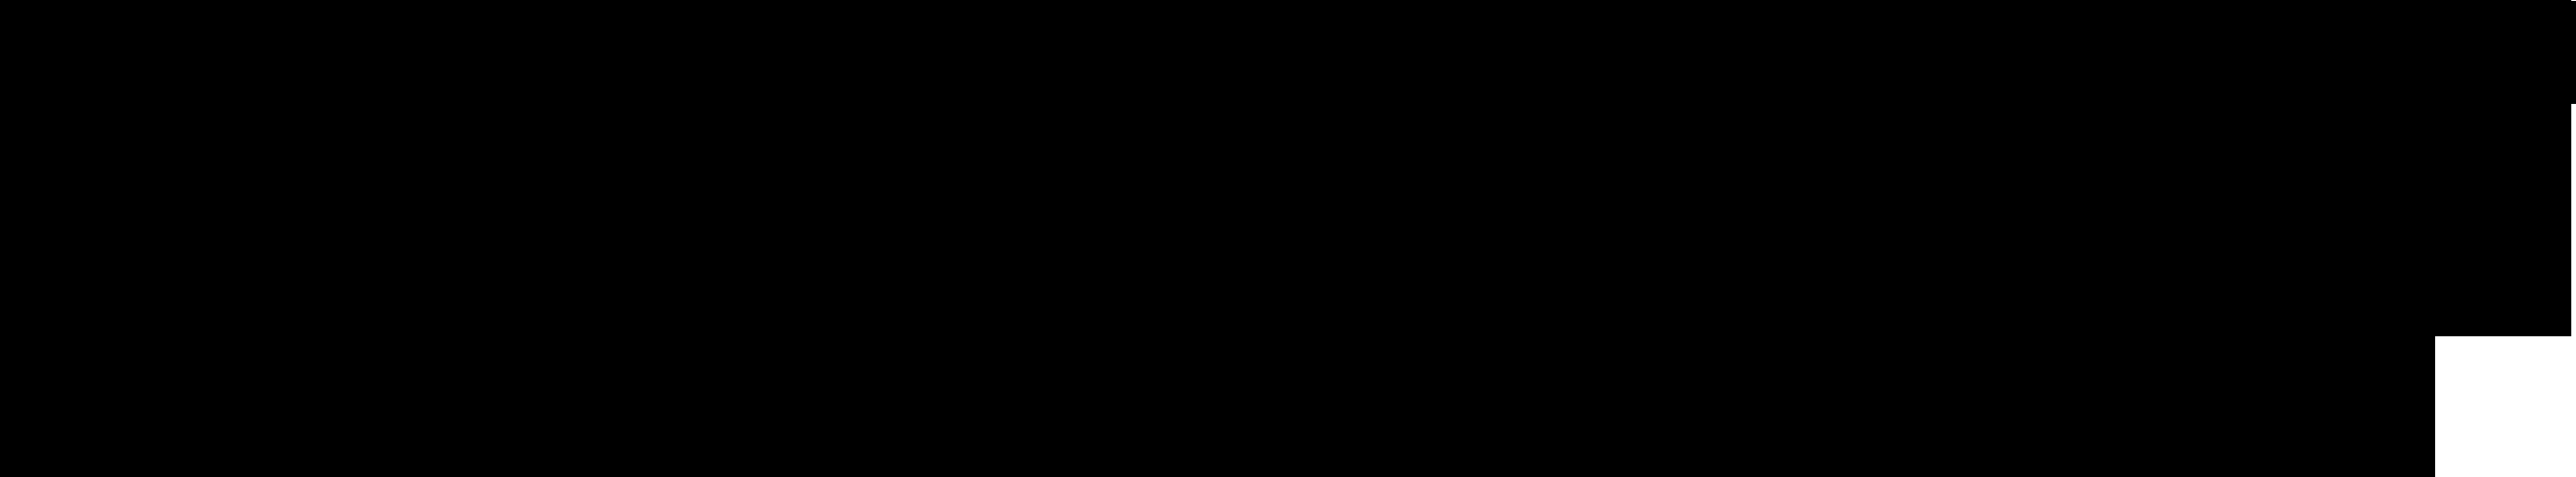 Avolt